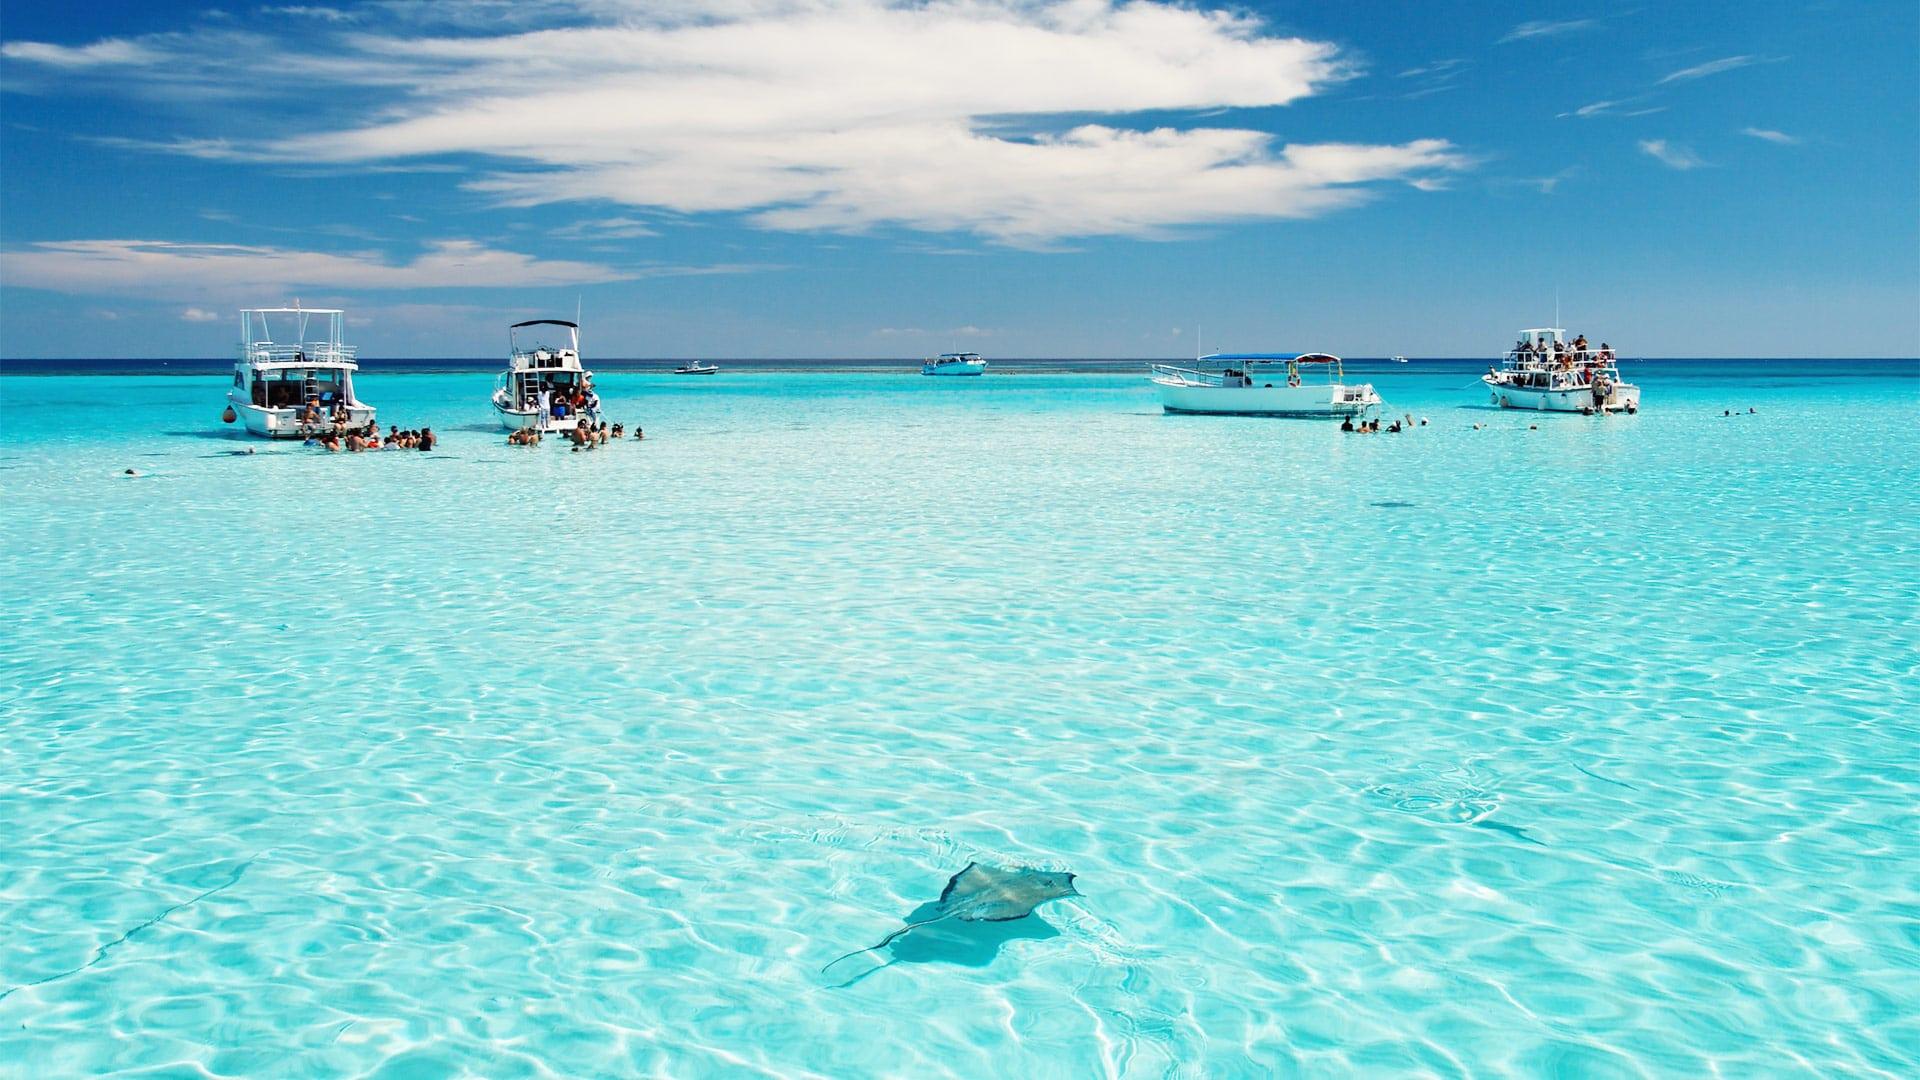 Anna Maria Island blue beaches